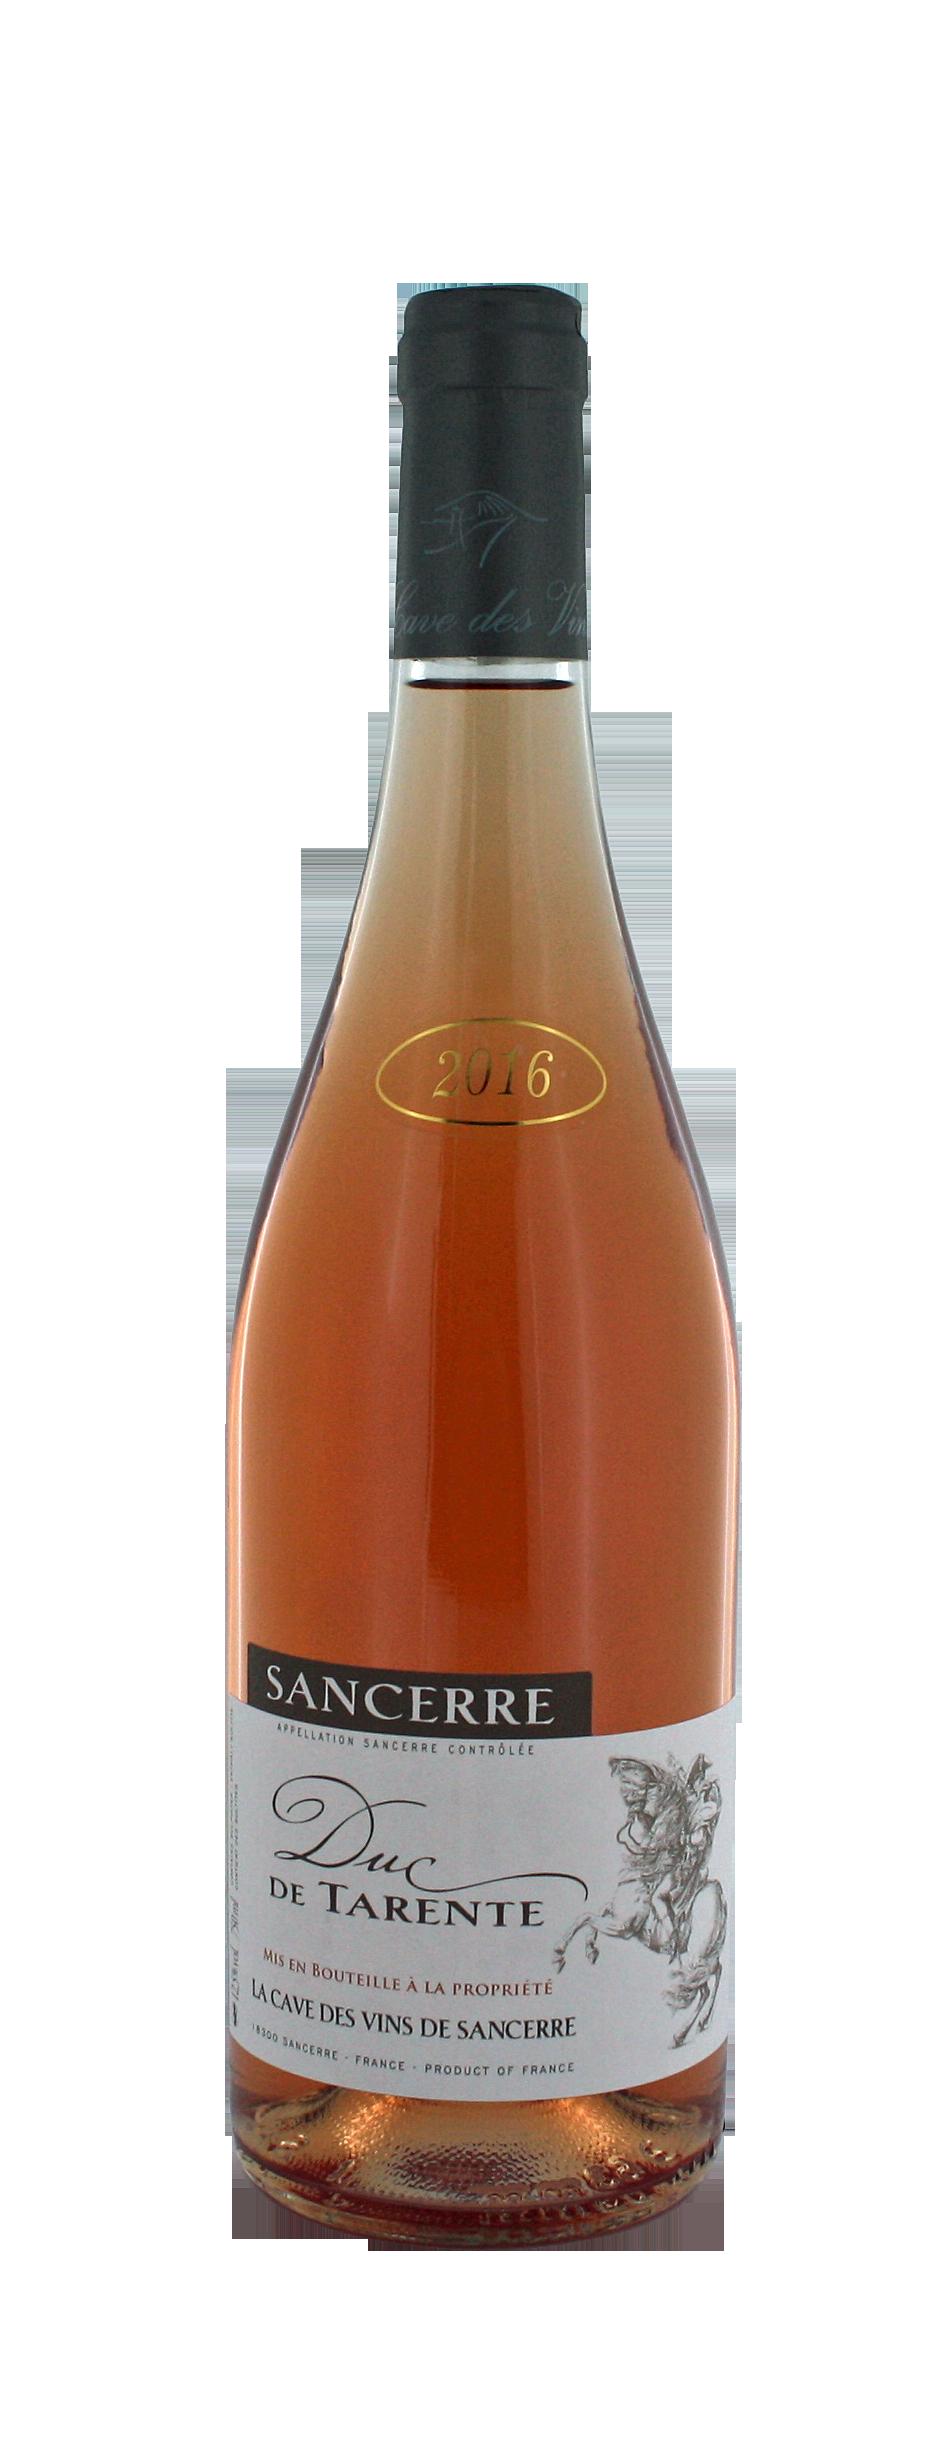 Sancerre Rosé AOC 2016 - Duc de Tarente